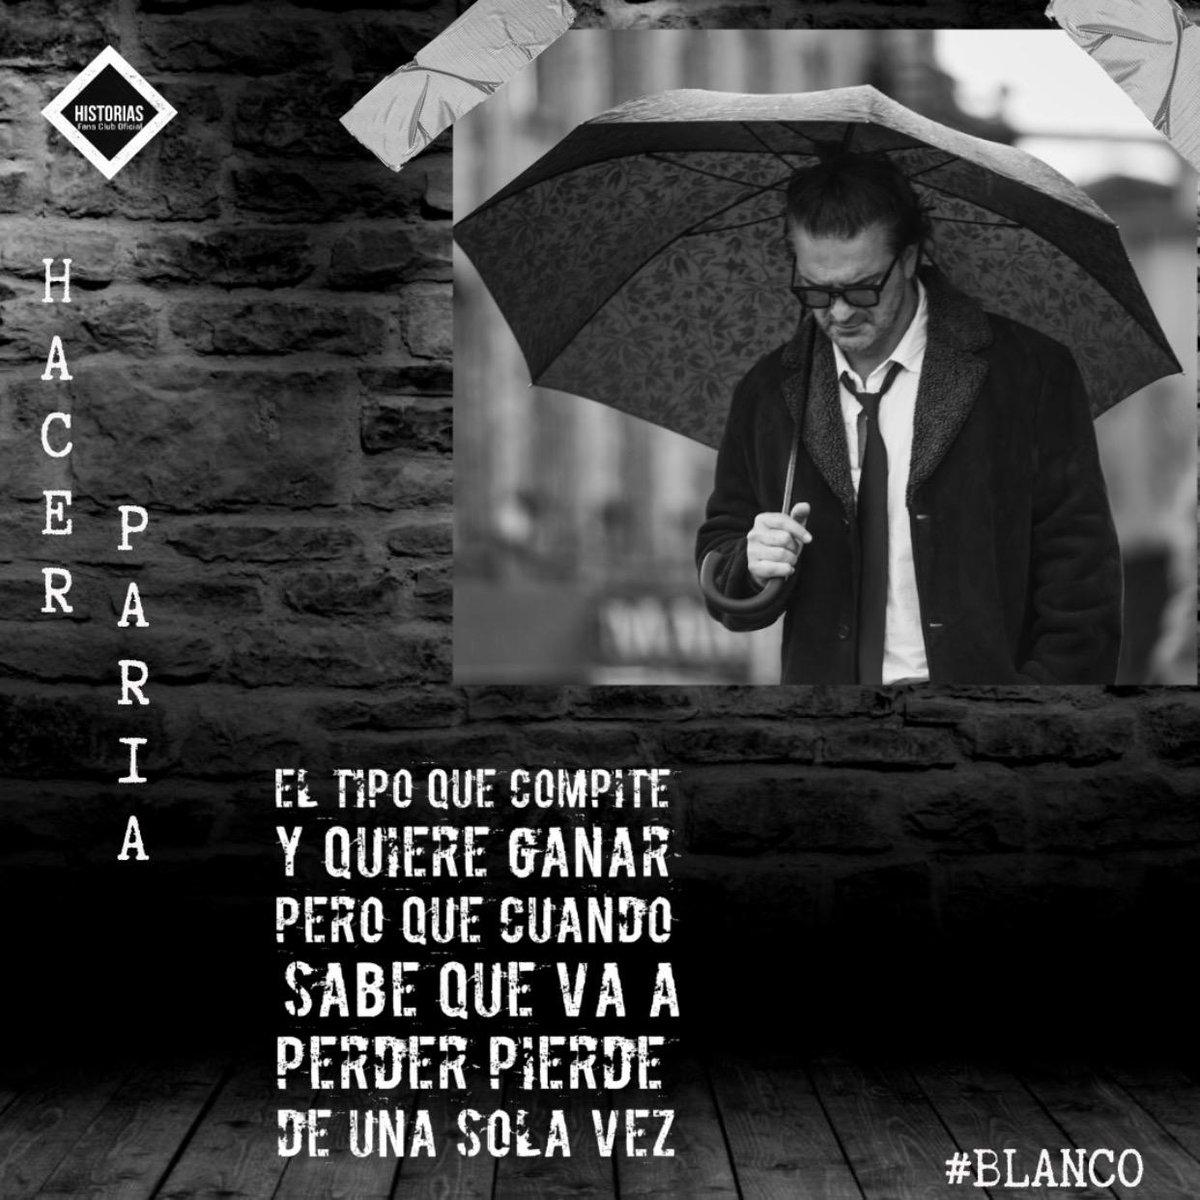 Maravillosas #SesionesDeAutor  #HacerPatria   #Blanco #RicardoArjona #MundoArjona @Ricardo_Arjona @InfoMundoArjona @MetamorfosisMed @historiasarjona